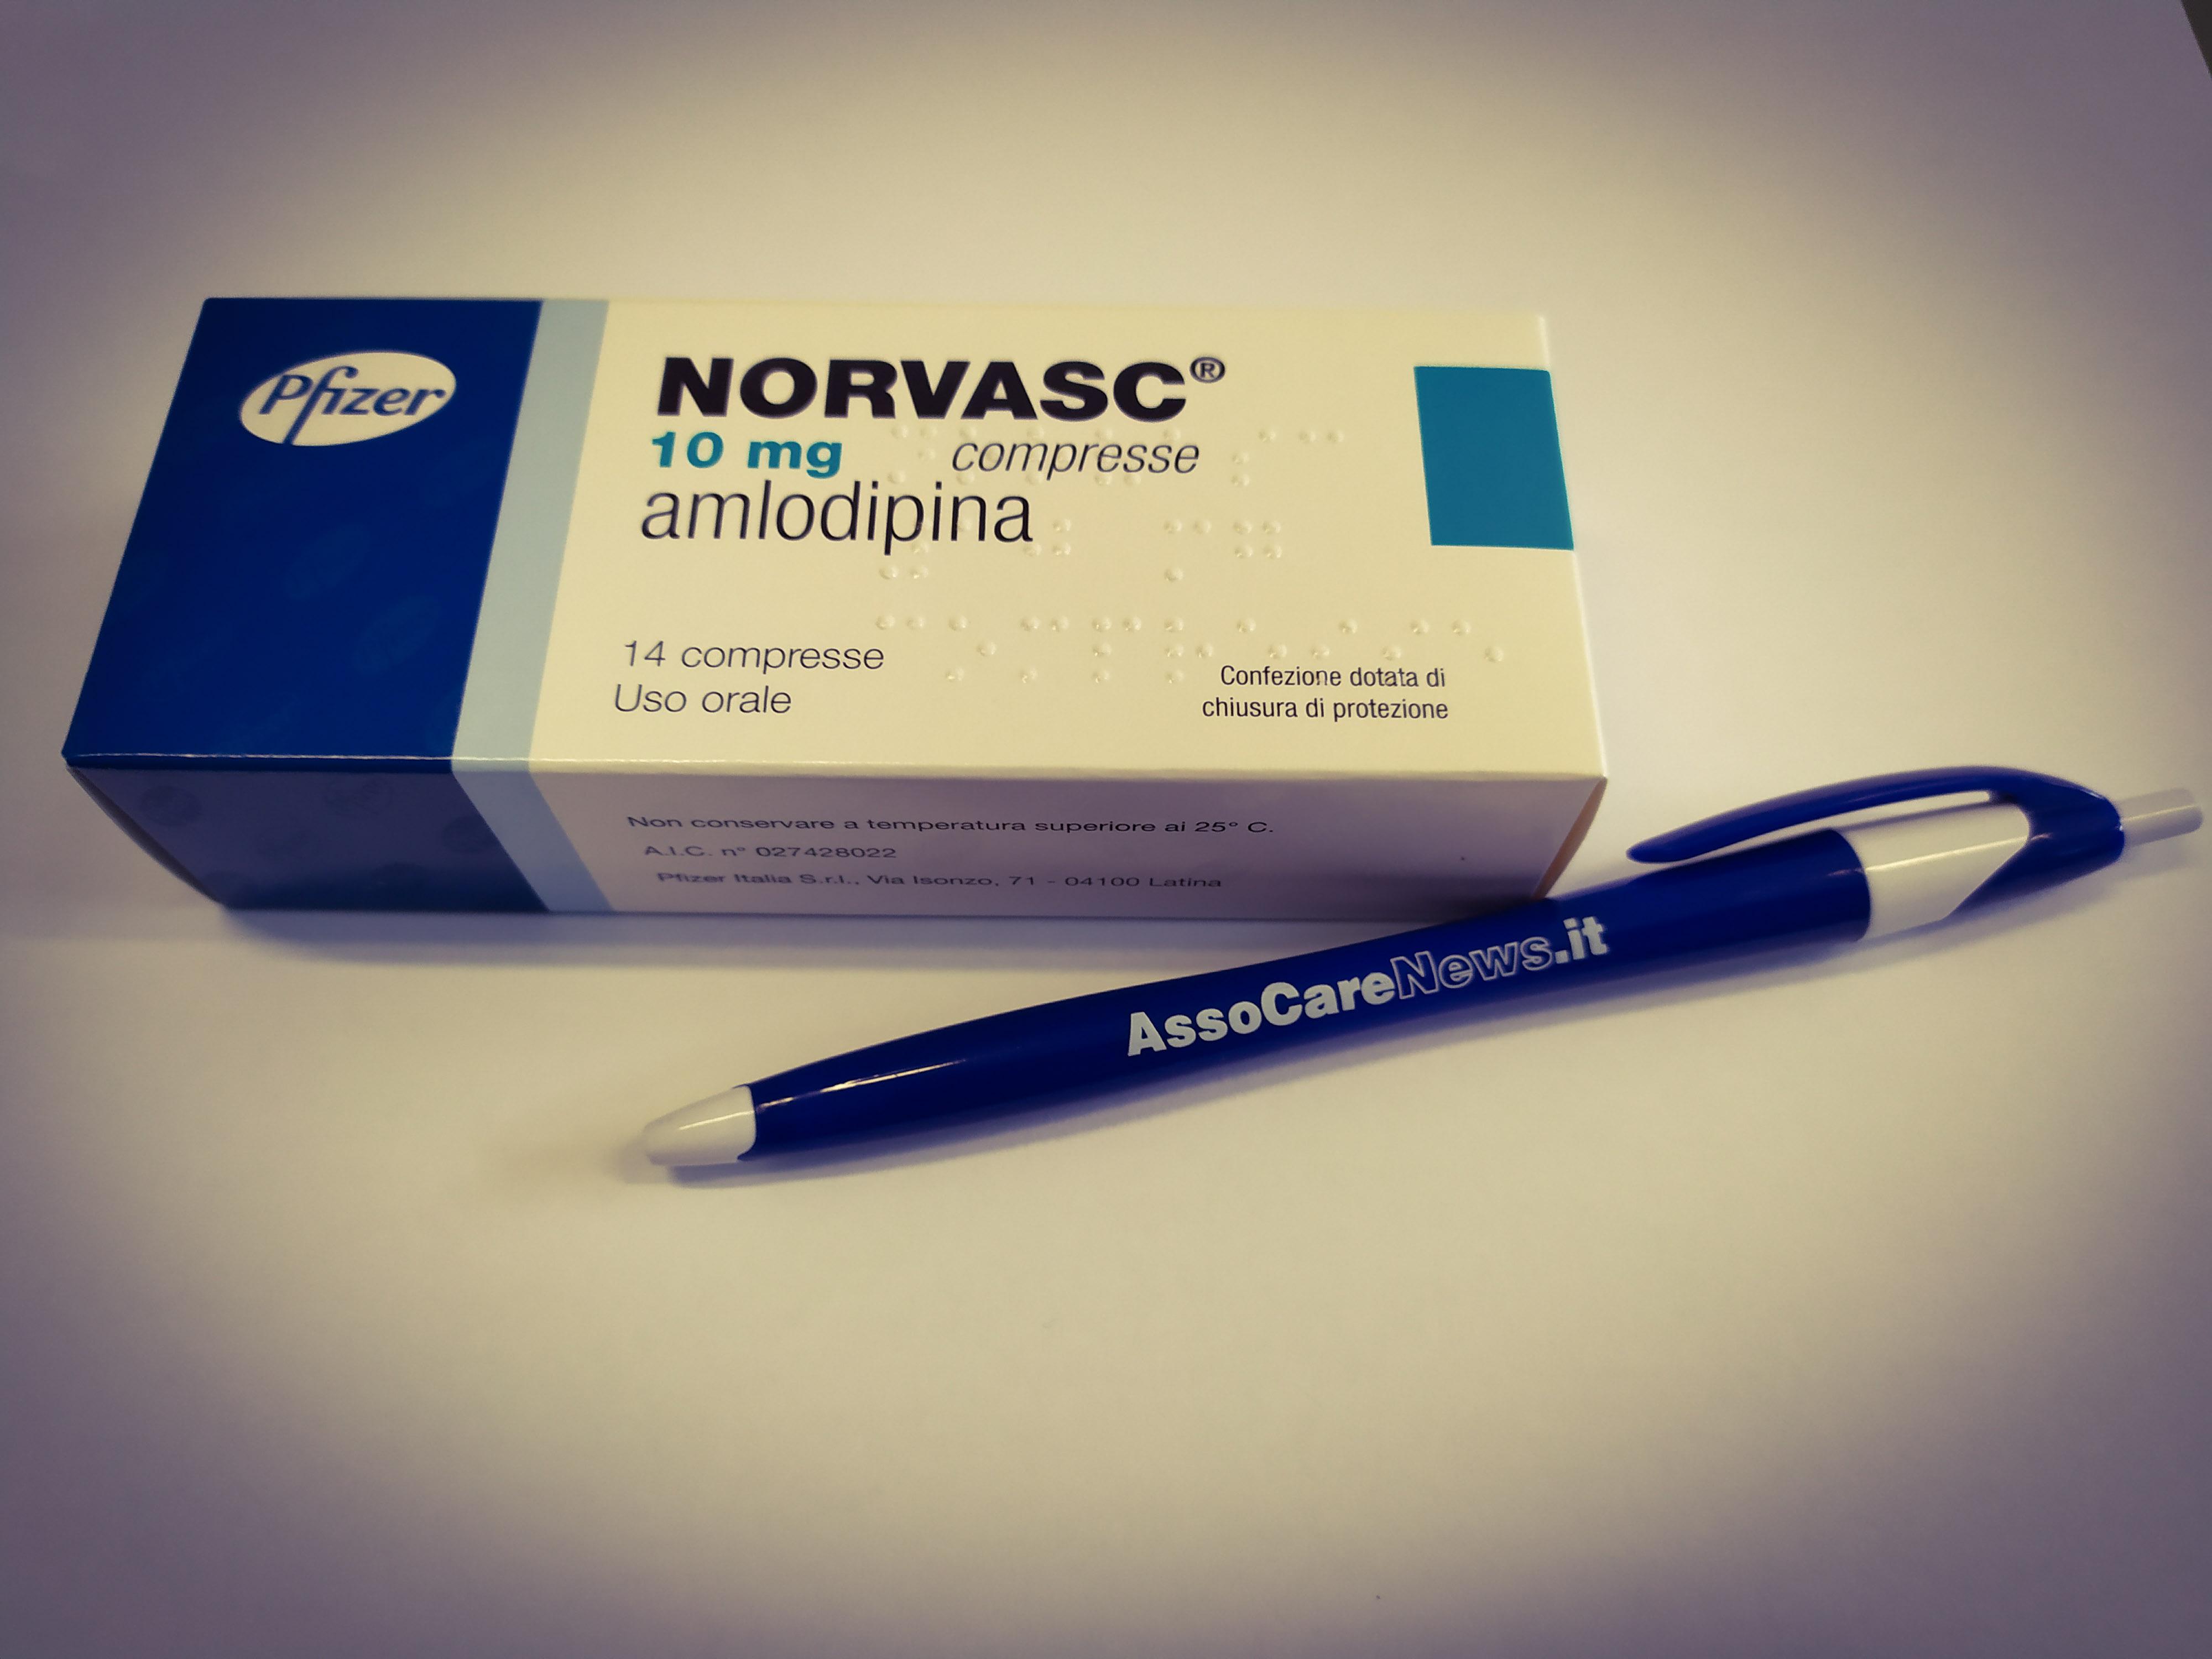 Norvasc: tutto sull'Amlodipina e sulle sue funzioni e complicanze.